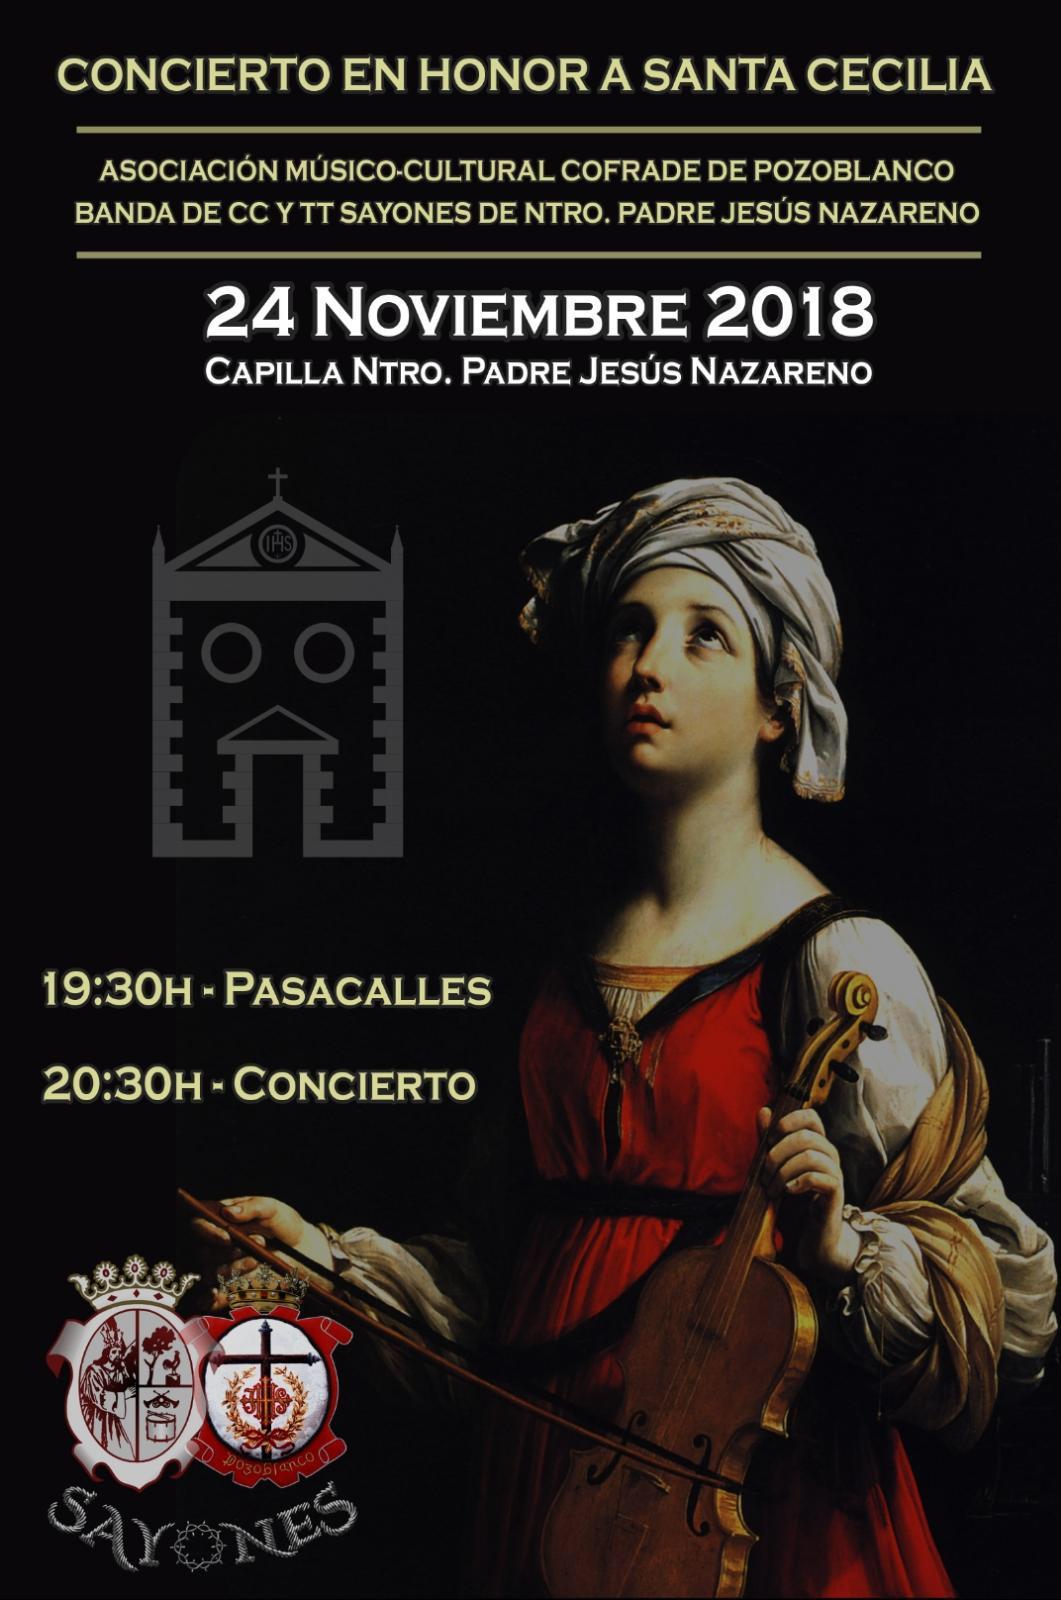 Concierto en honor a Santa Cecilia - Sayones